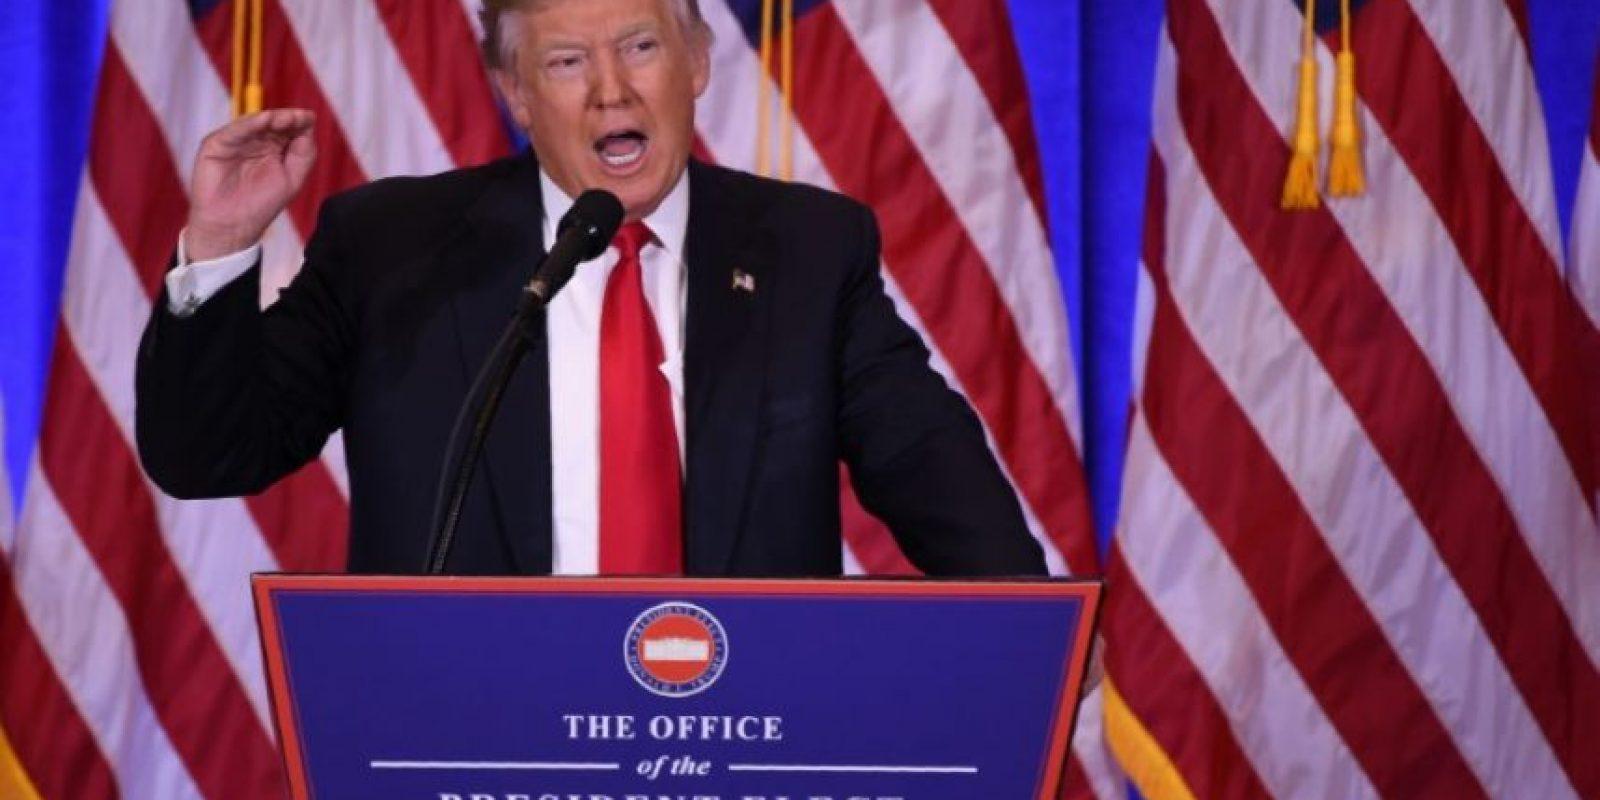 El presidente electo estadounidense, Donald Trump, en rueda de prensa el 11 de enero de 2017 en Nueva York Foto:Don Emmert/afp.com